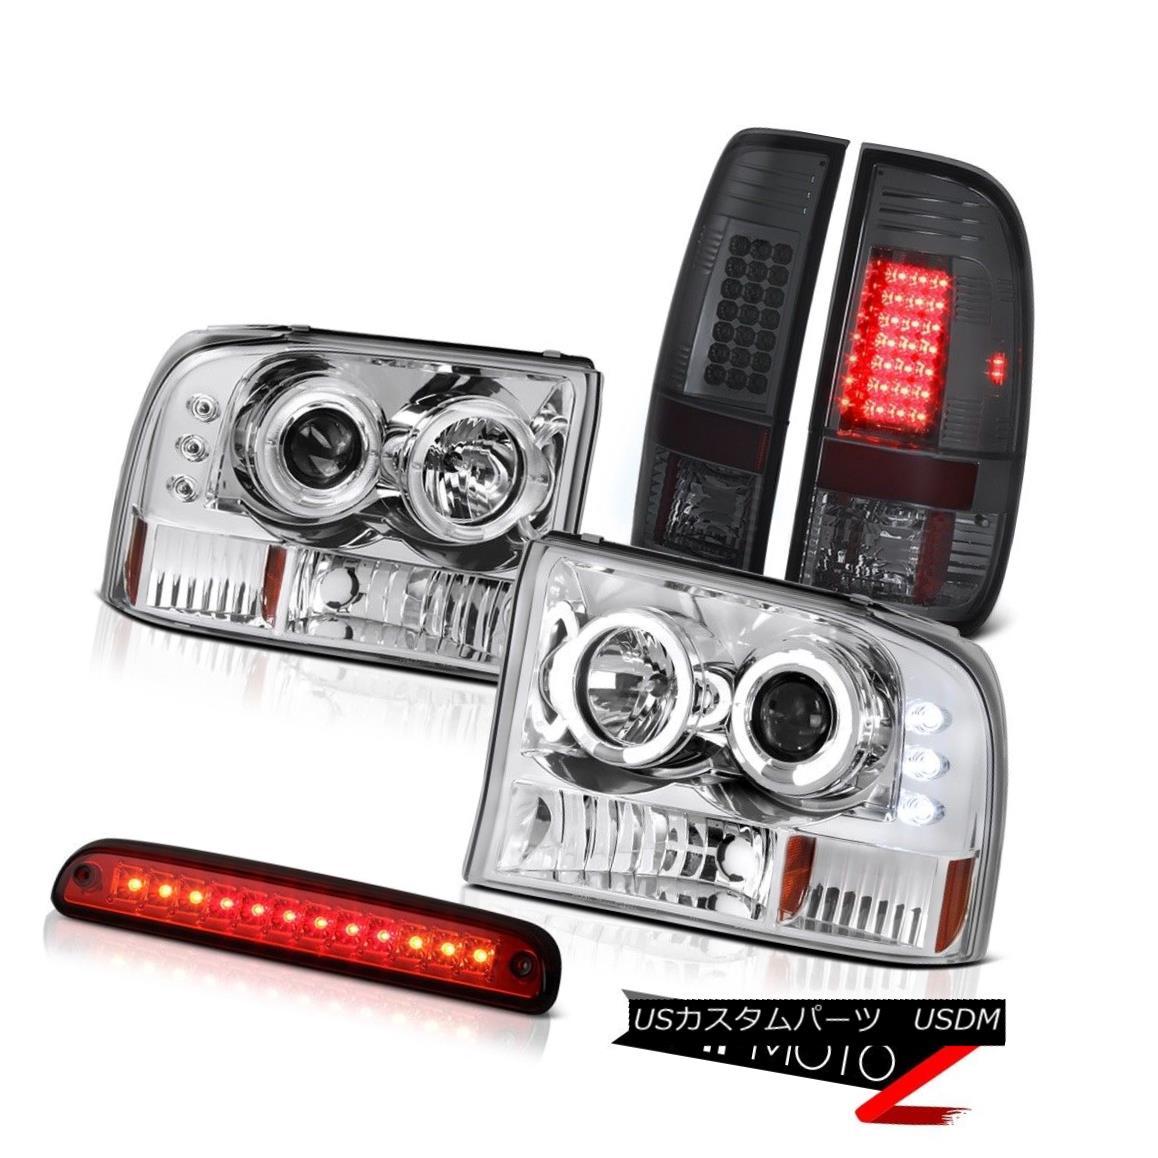 テールライト Angel Eye HeadTailLamps High Stop LED Red Parking TailLight 1999-2004 F250 King エンジェルアイHeadTailLampsハイストップLEDレッドパーキングTailLight 1999-2004 F250 King